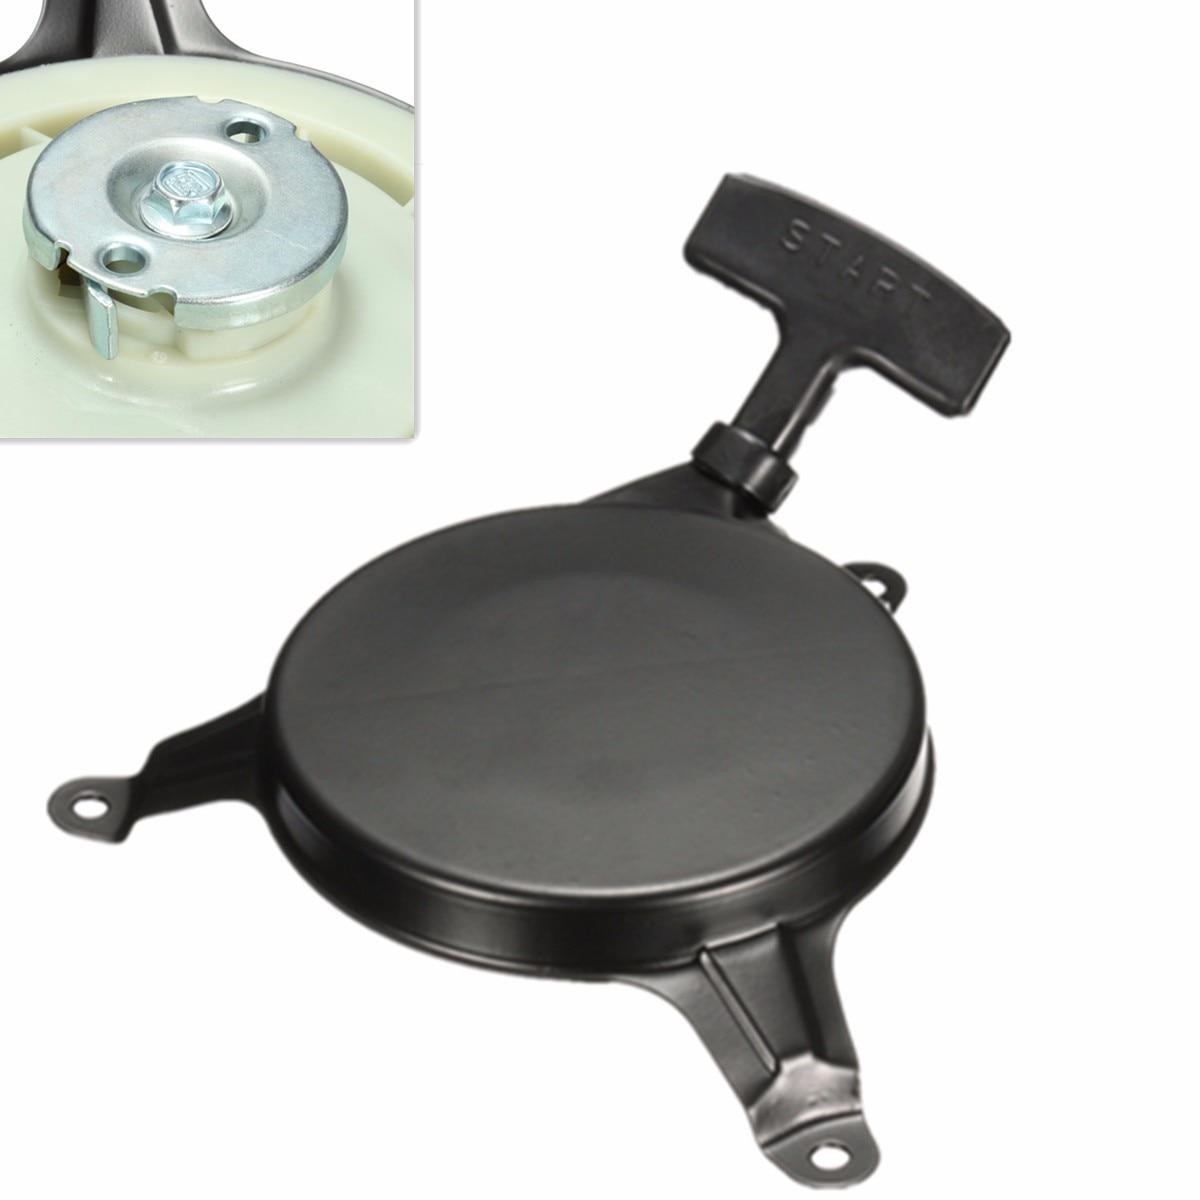 цена на Recoil Starter Start Assembly For MTD Engine Push Mower 751-10299 951-10299A